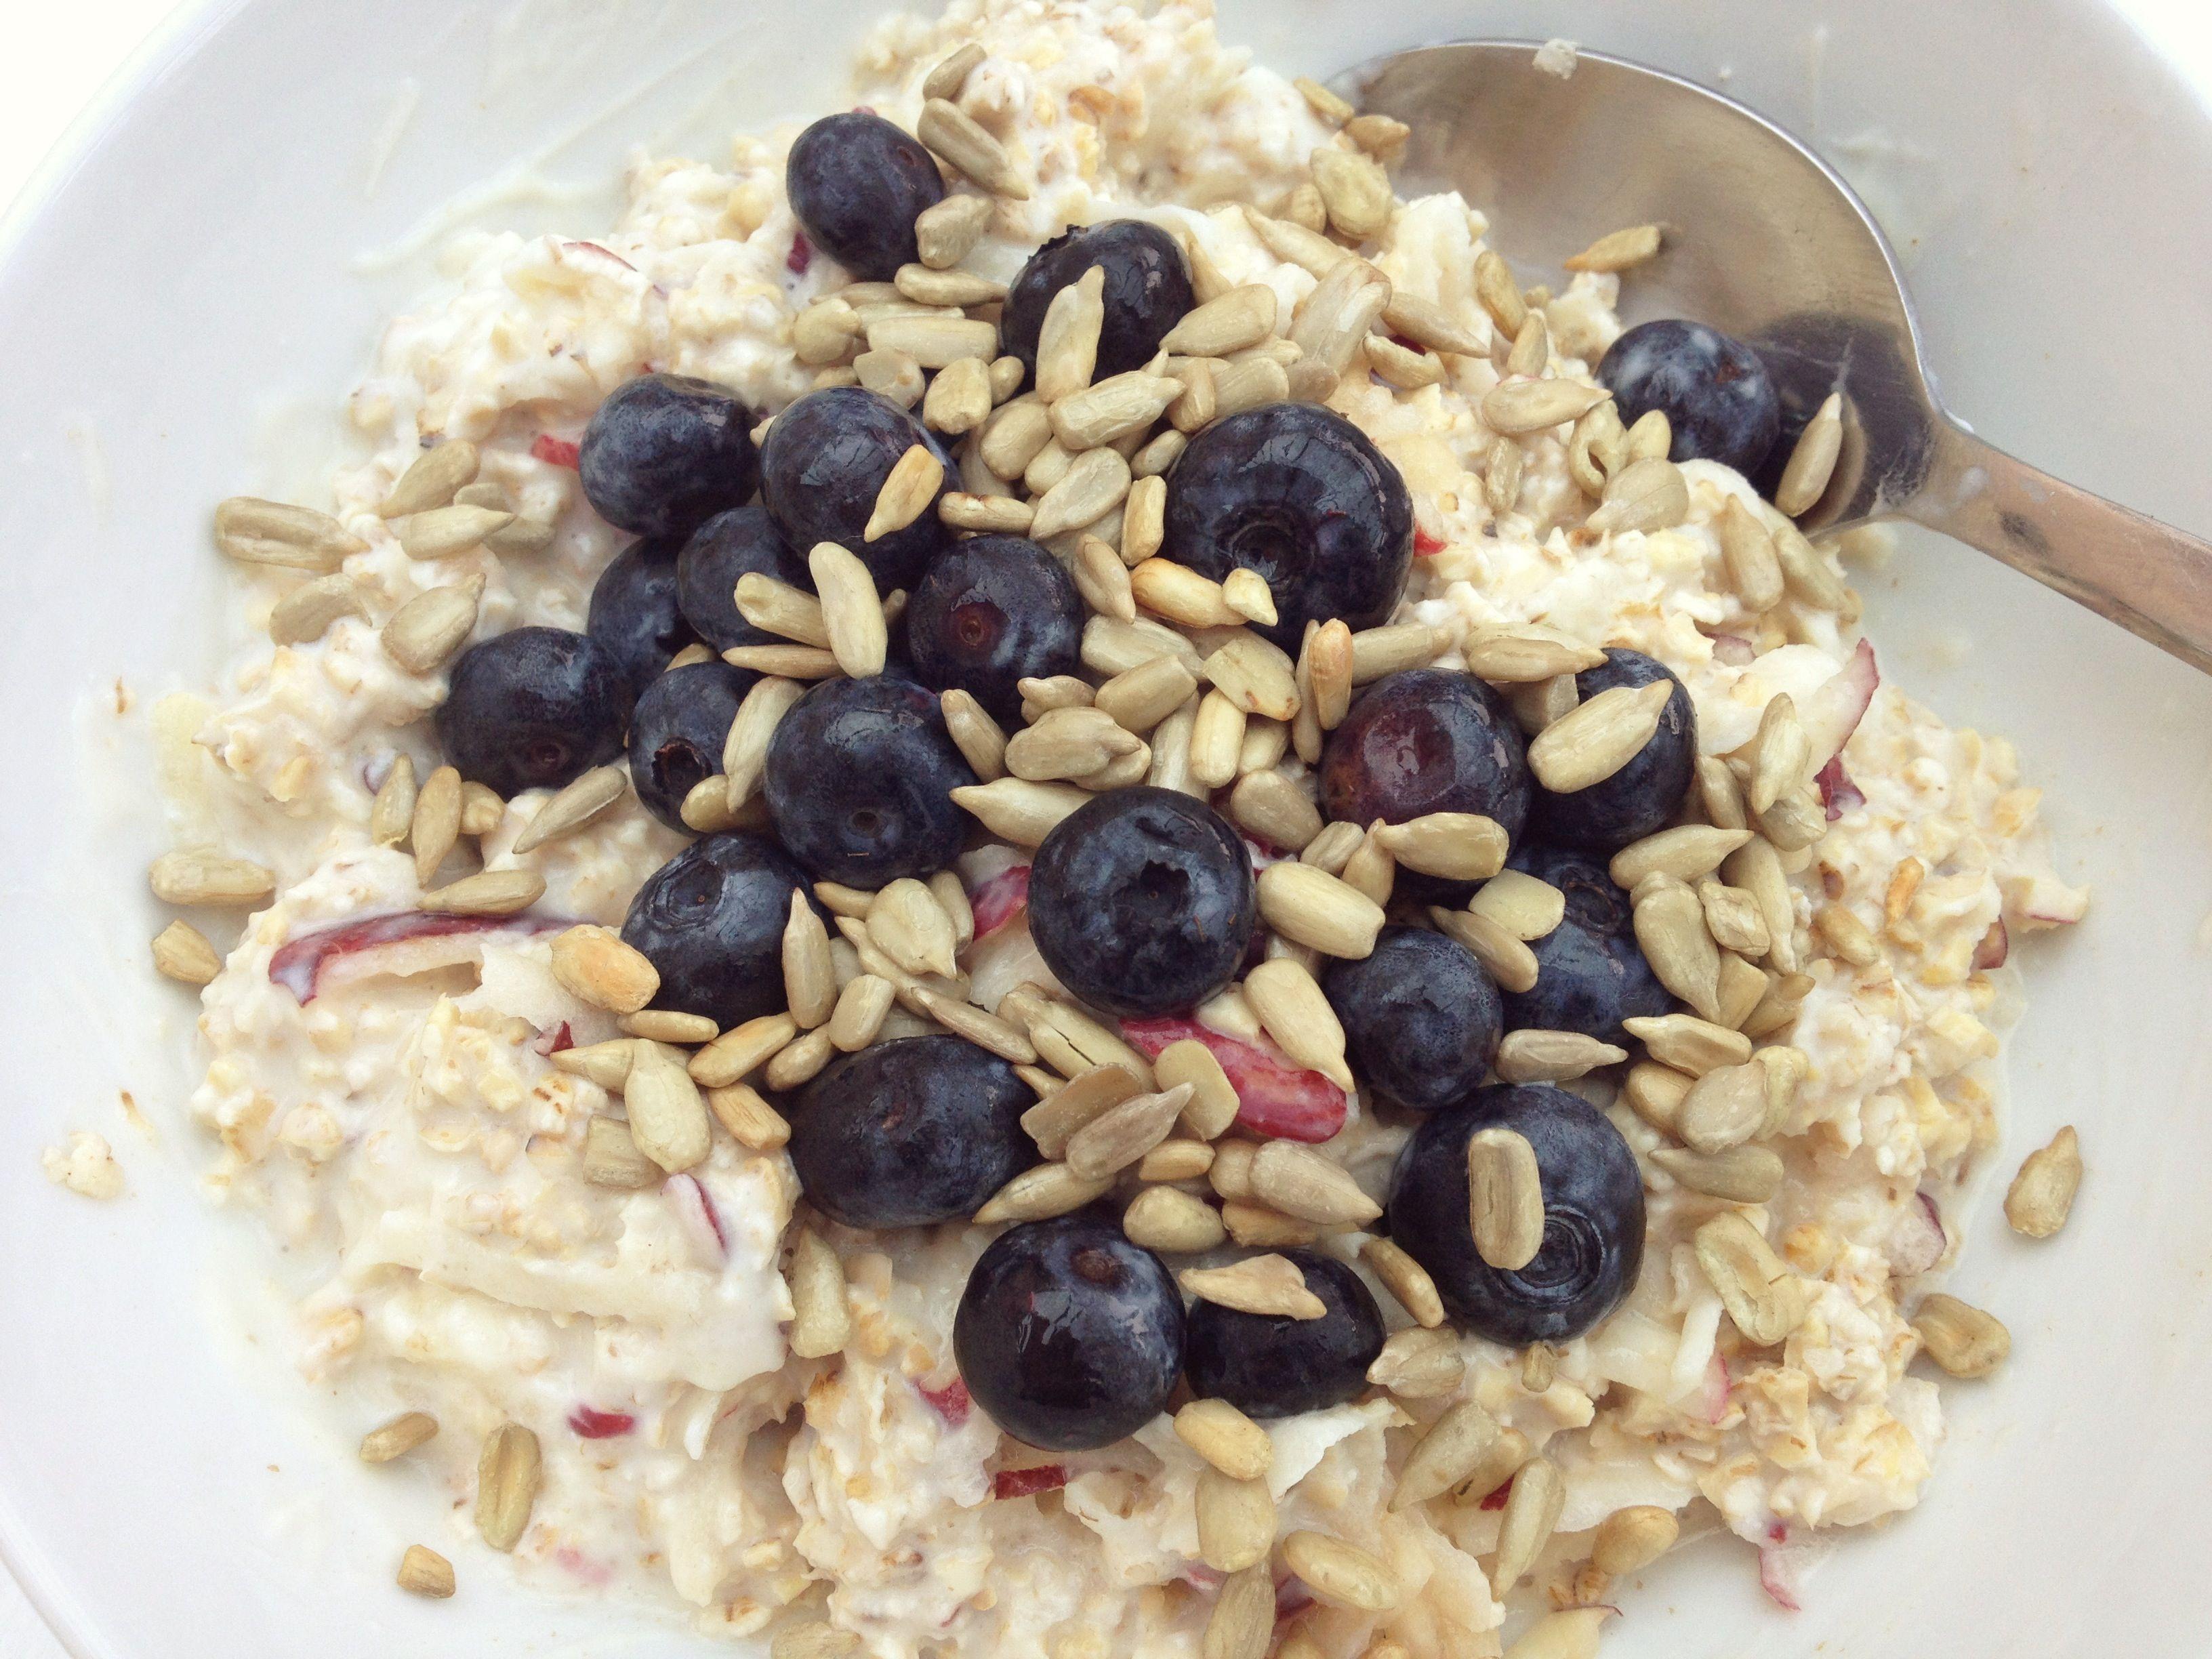 Bircher Muesli #dairyfree #wheatfree #vegan #nutritious ...